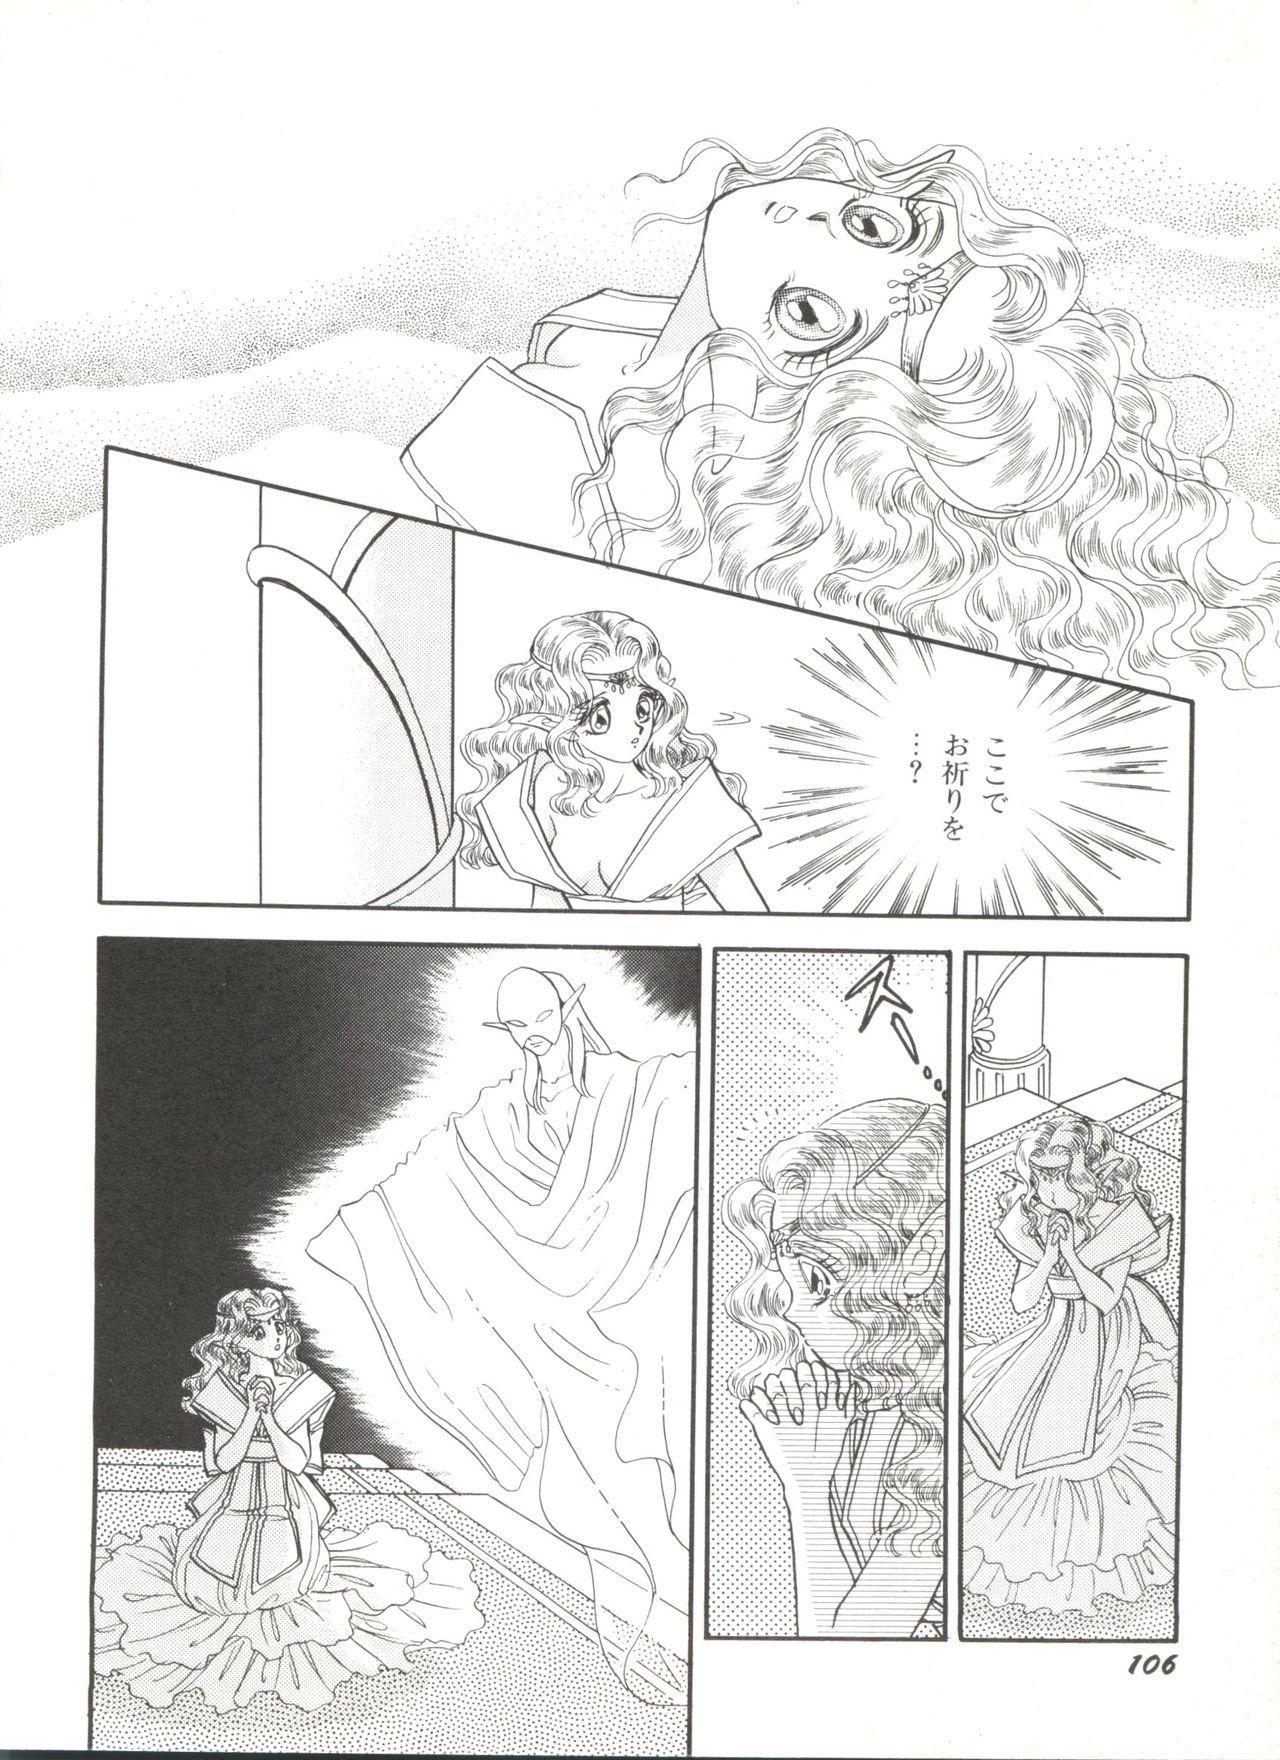 Bishoujo Doujinshi Anthology 6 109